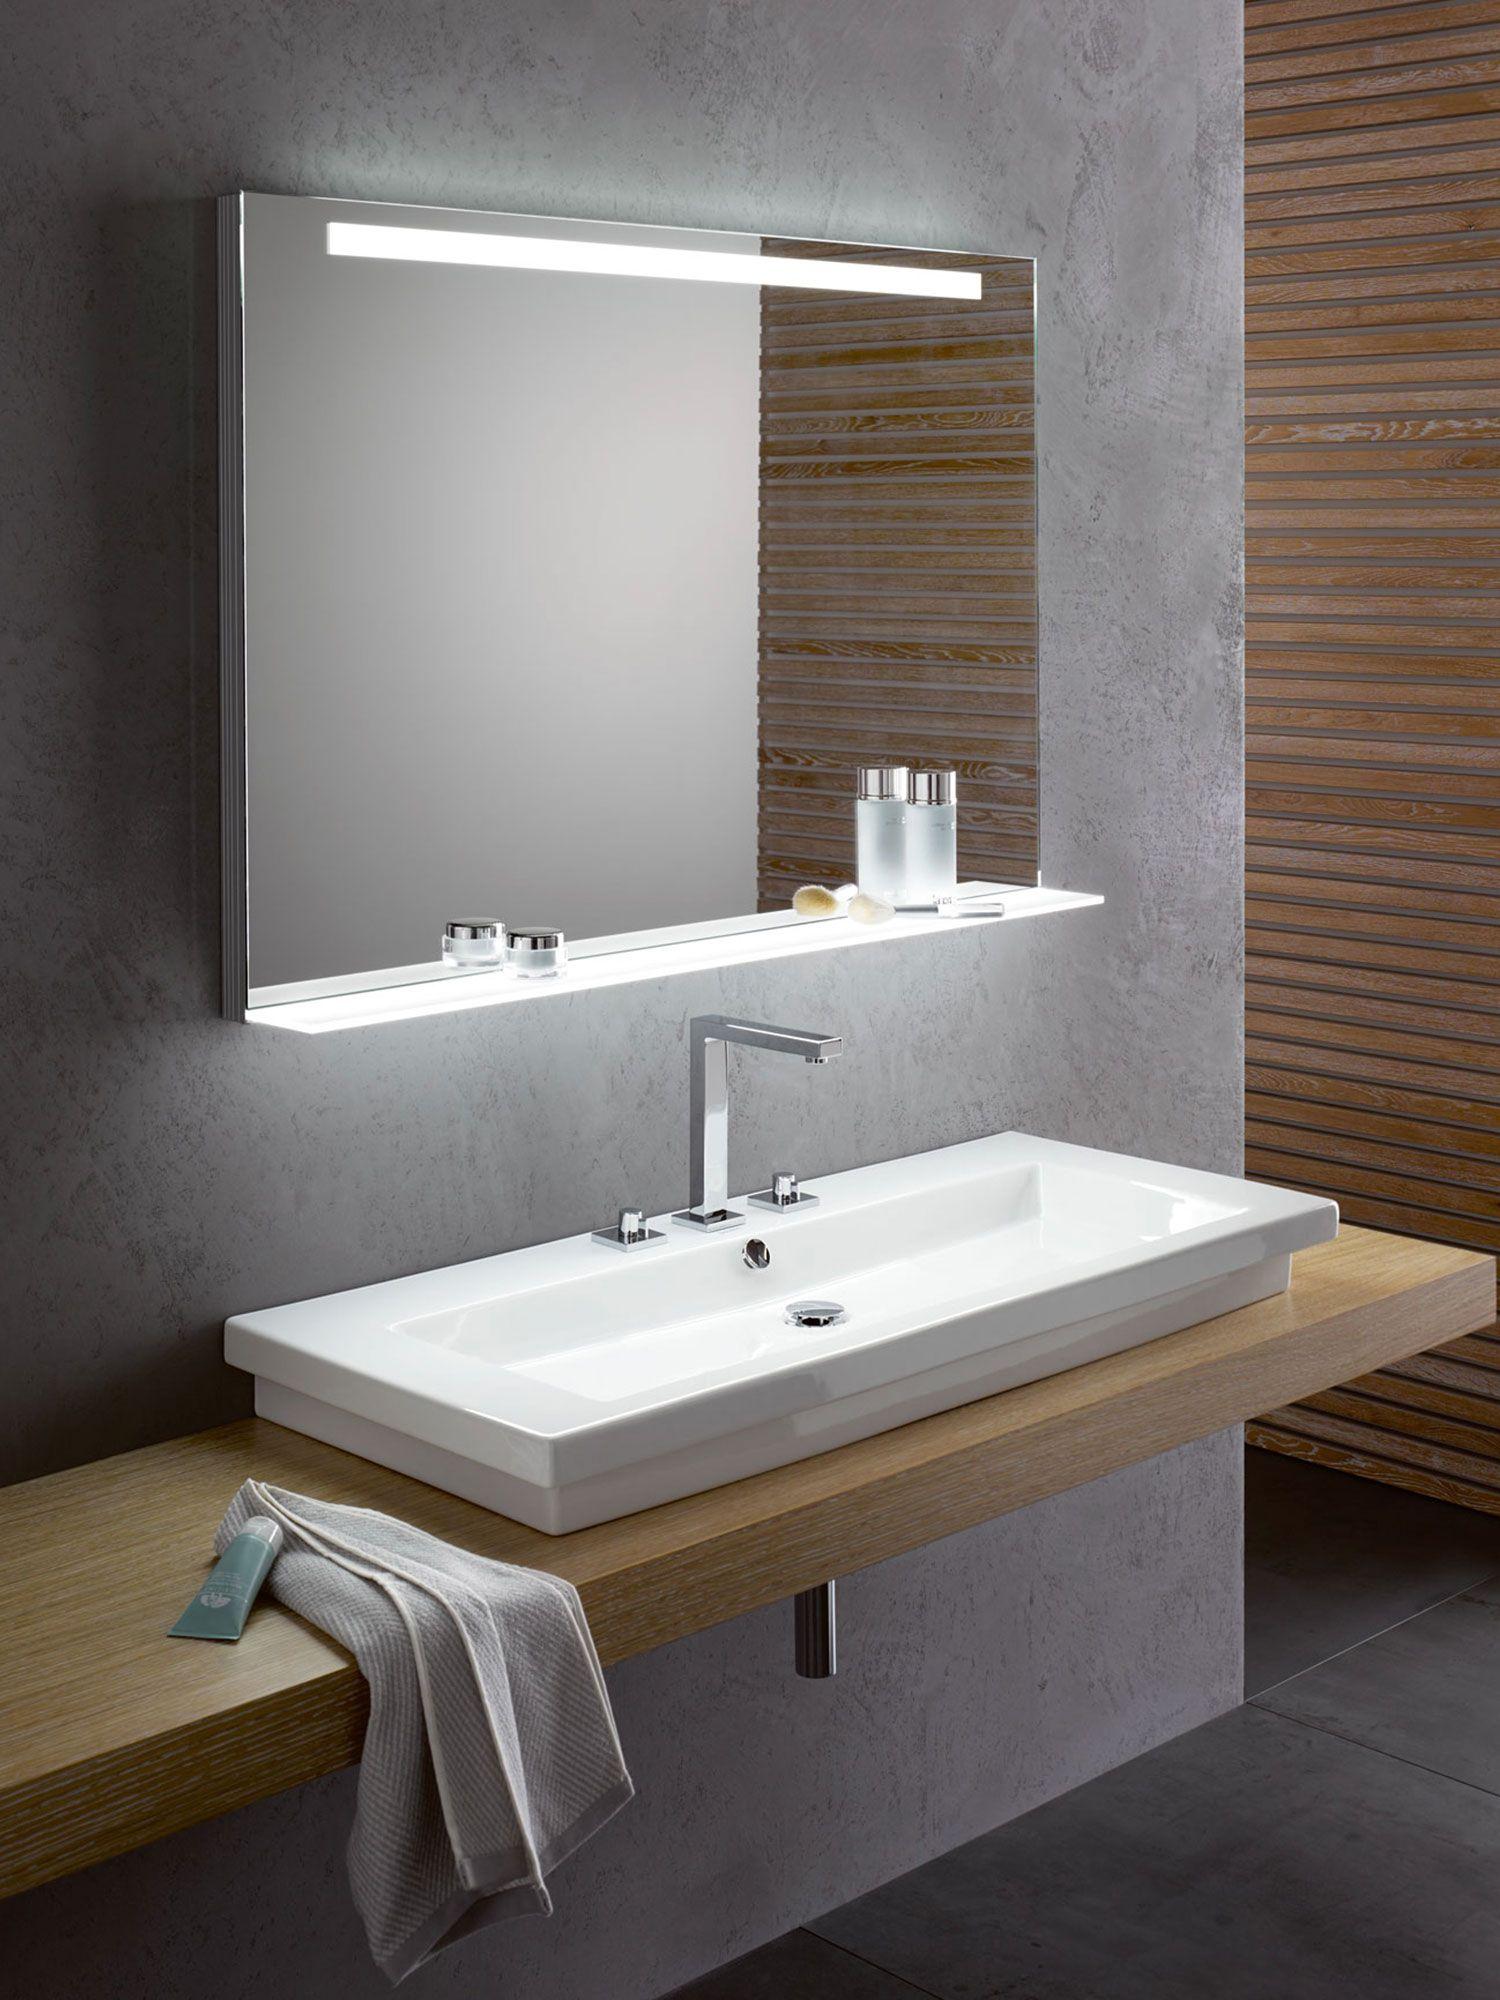 Vegas Zierath Licht Spiegel Manufaktur Badezimmer Ablage Badezimmerspiegel Wohnzimmer Spiegel